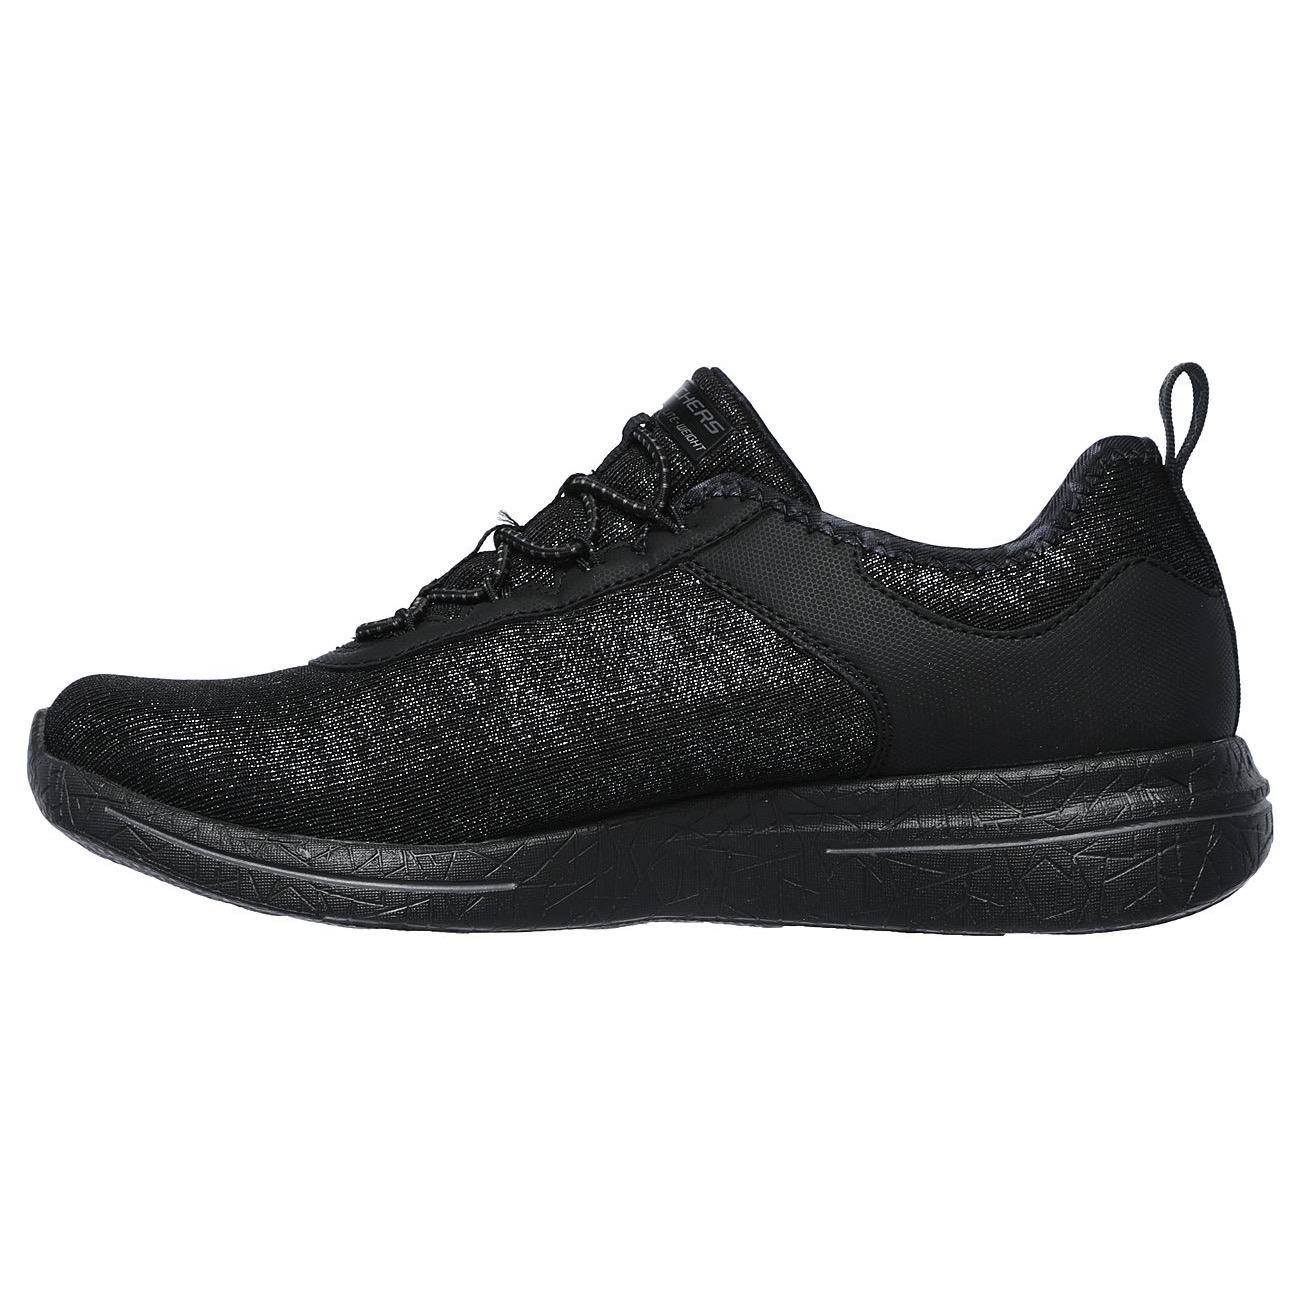 Detail Gambar Skechers Burst 2.0 Sunny Side - Sepatu Olahraga Wanita  12659 BBK Terbaru d49b41a6b3